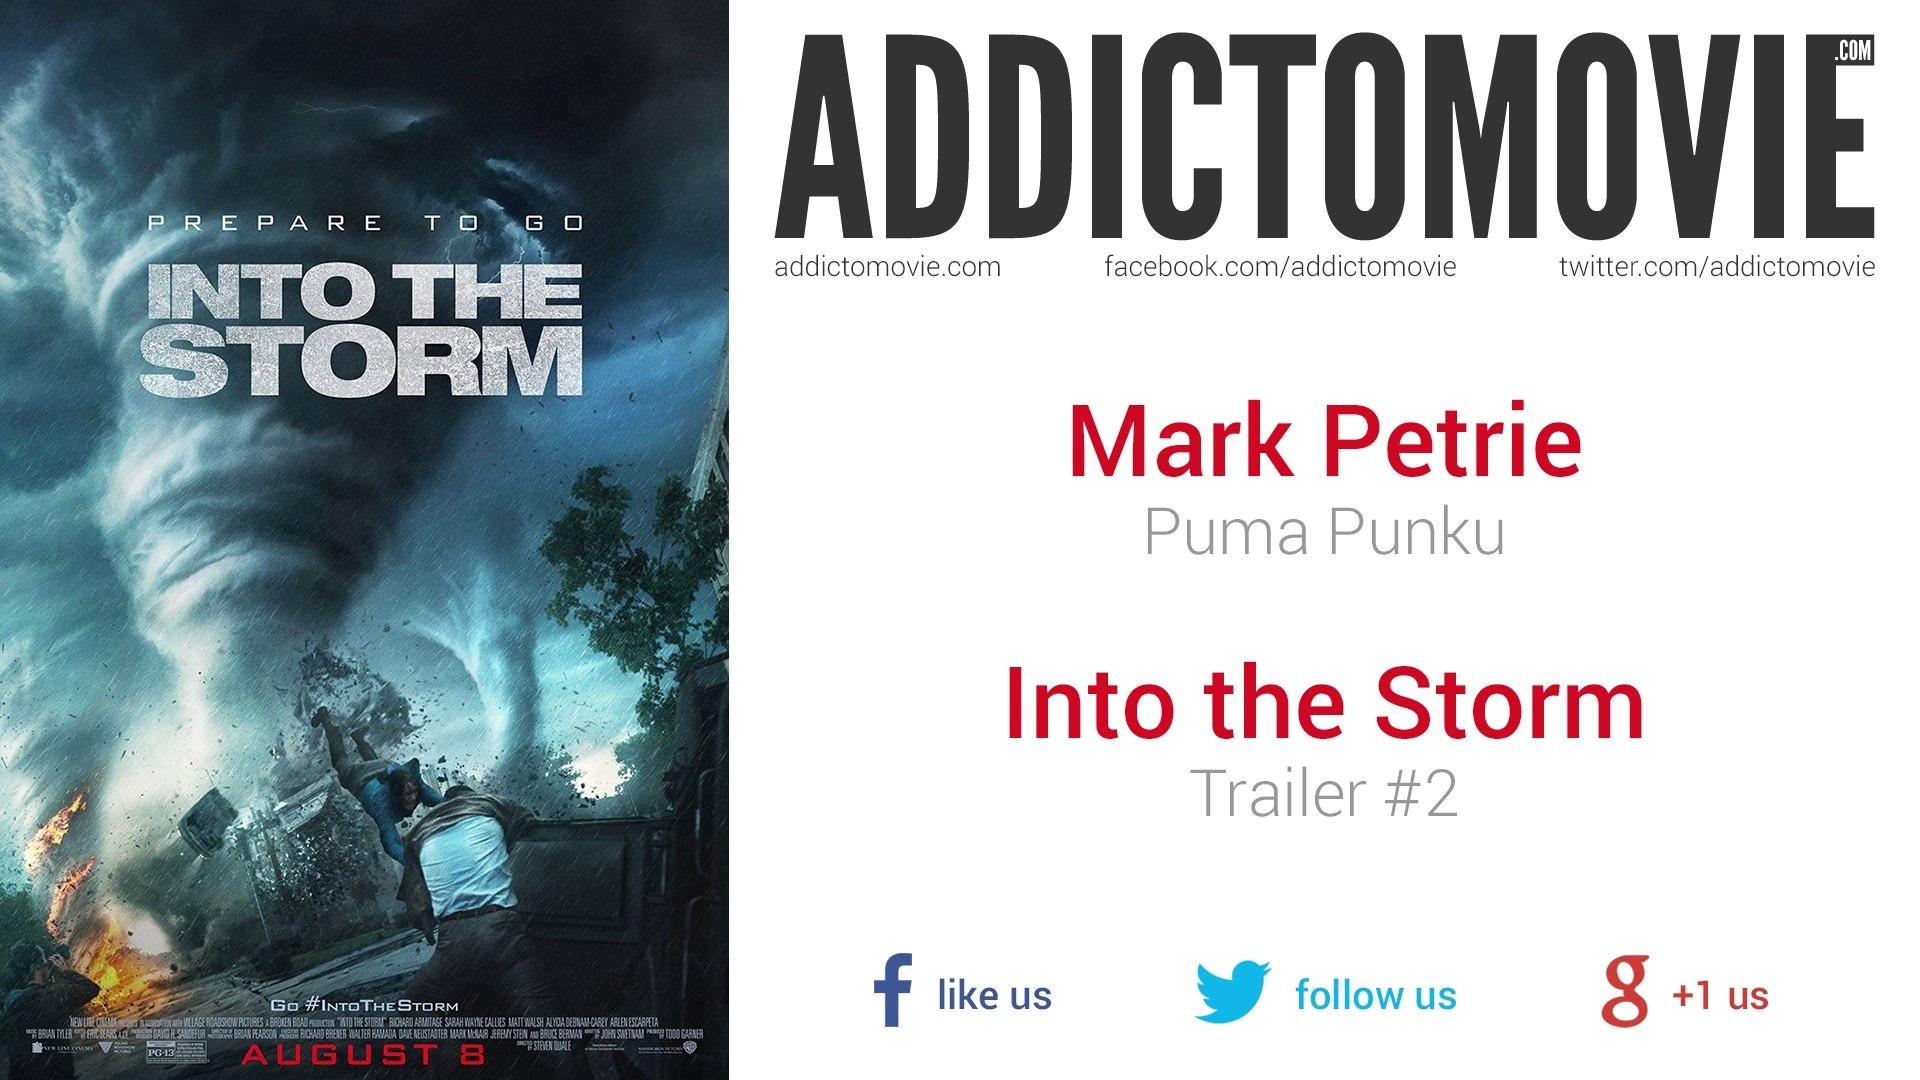 Aprobación Día familia  Into the Storm - Trailer #2 Music #1 (Mark Petrie - Puma Punku) - video  dailymotion